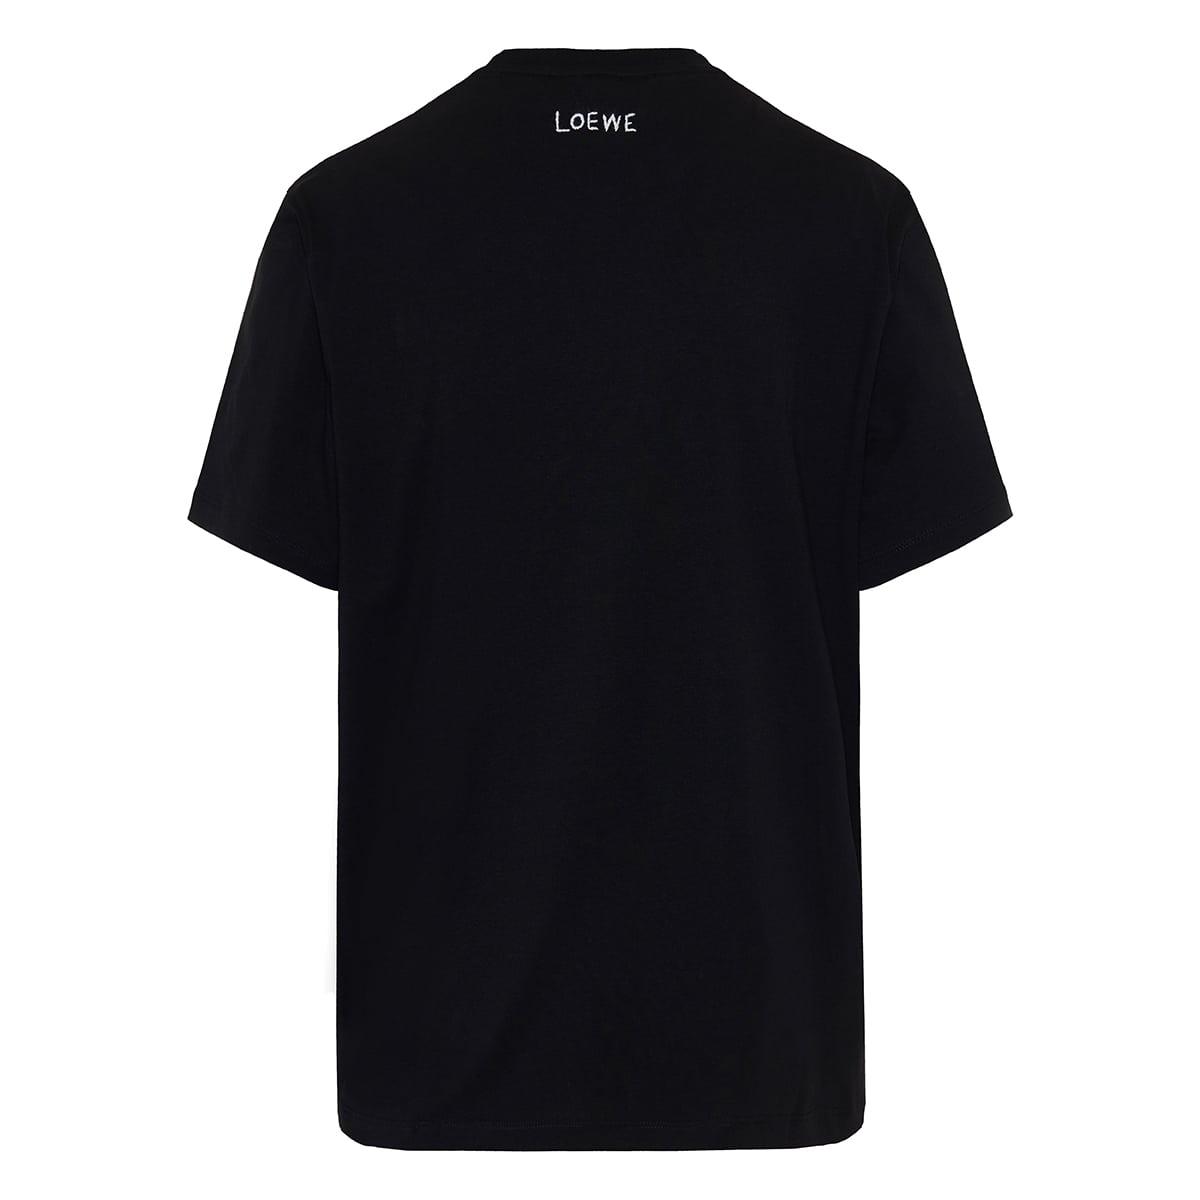 Words jersey t-shirt